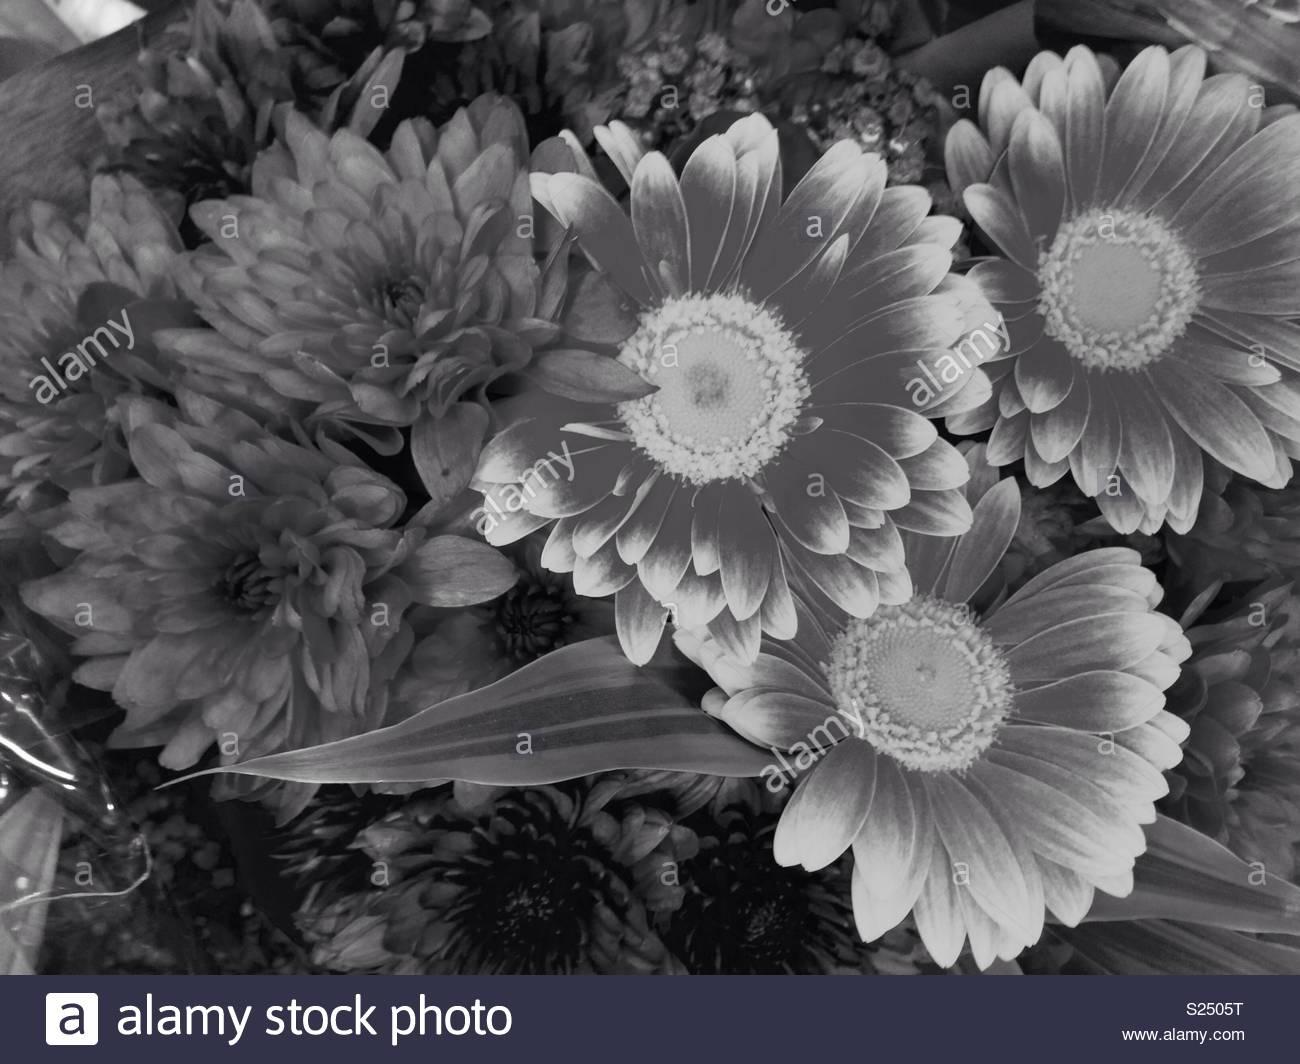 Big Petal Flowers Stock Photos Big Petal Flowers Stock Images Alamy